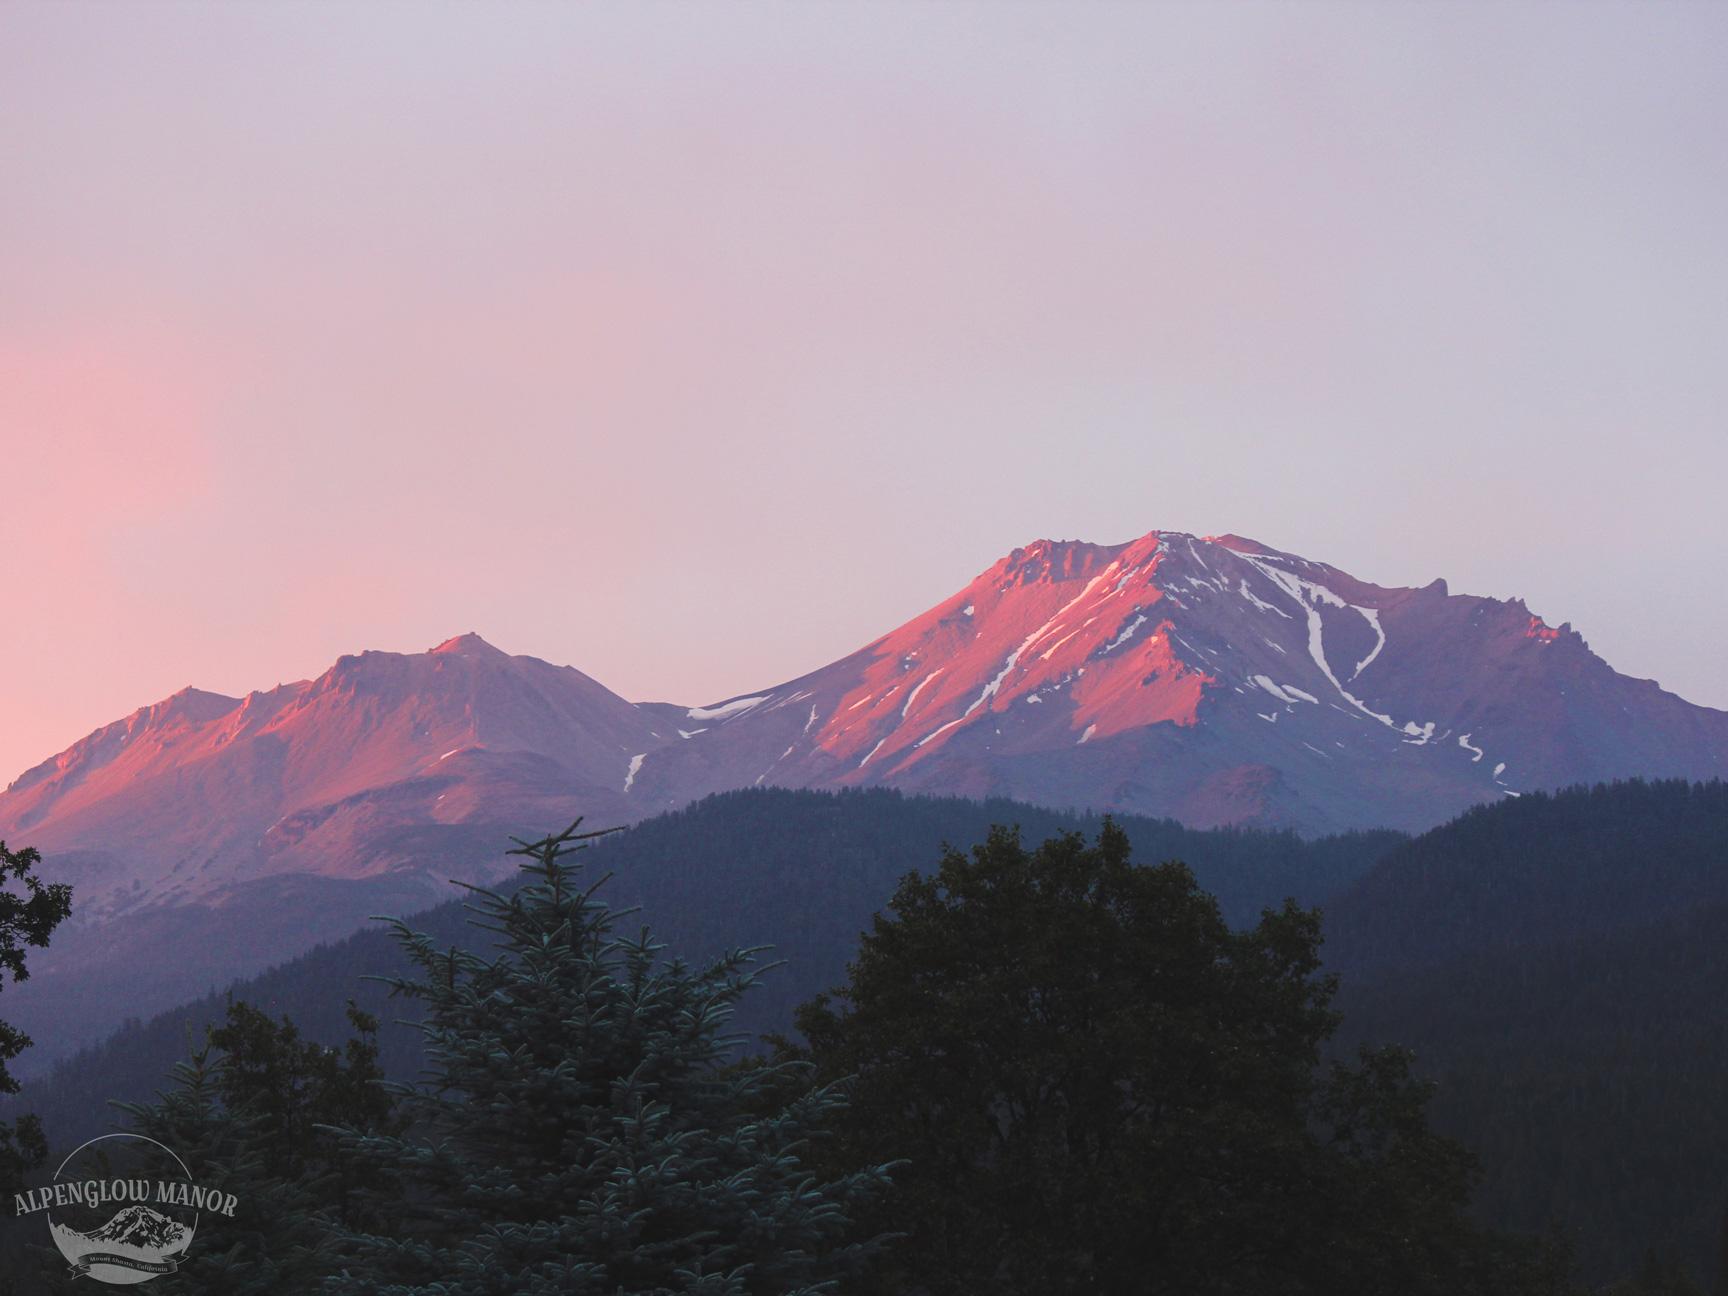 Explore Mount Shasta